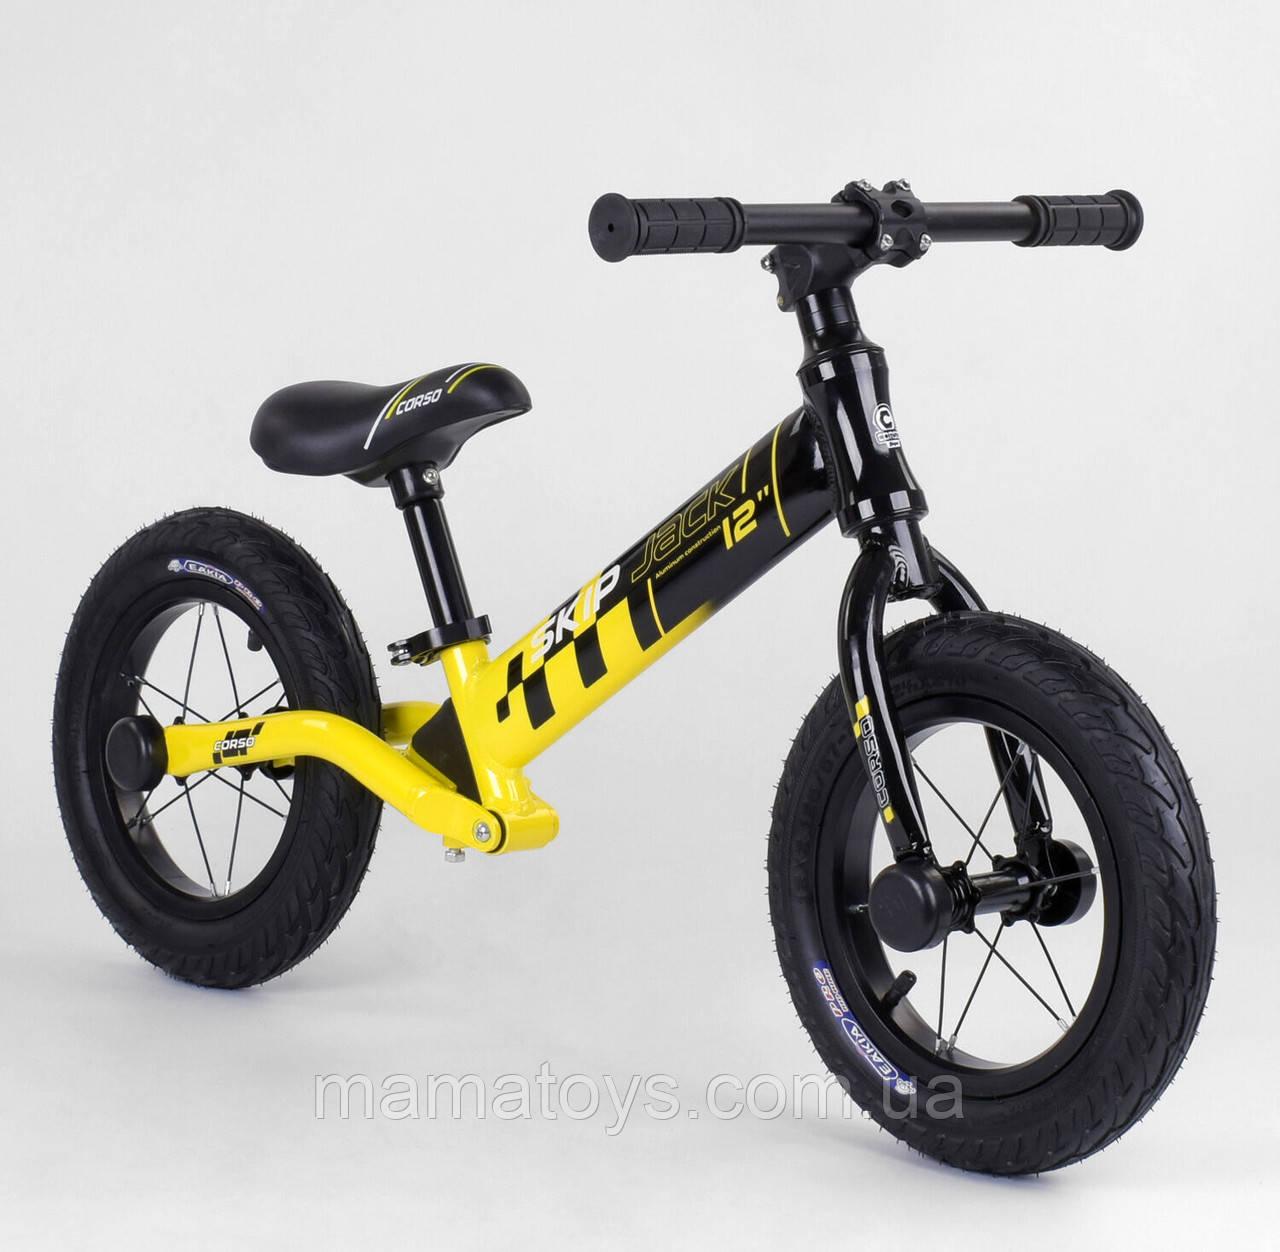 """Велобег 12"""" Corso Skip Jack 84115 Желтый, Надувные колеса, Алюмниевая рама, Амортизатор"""